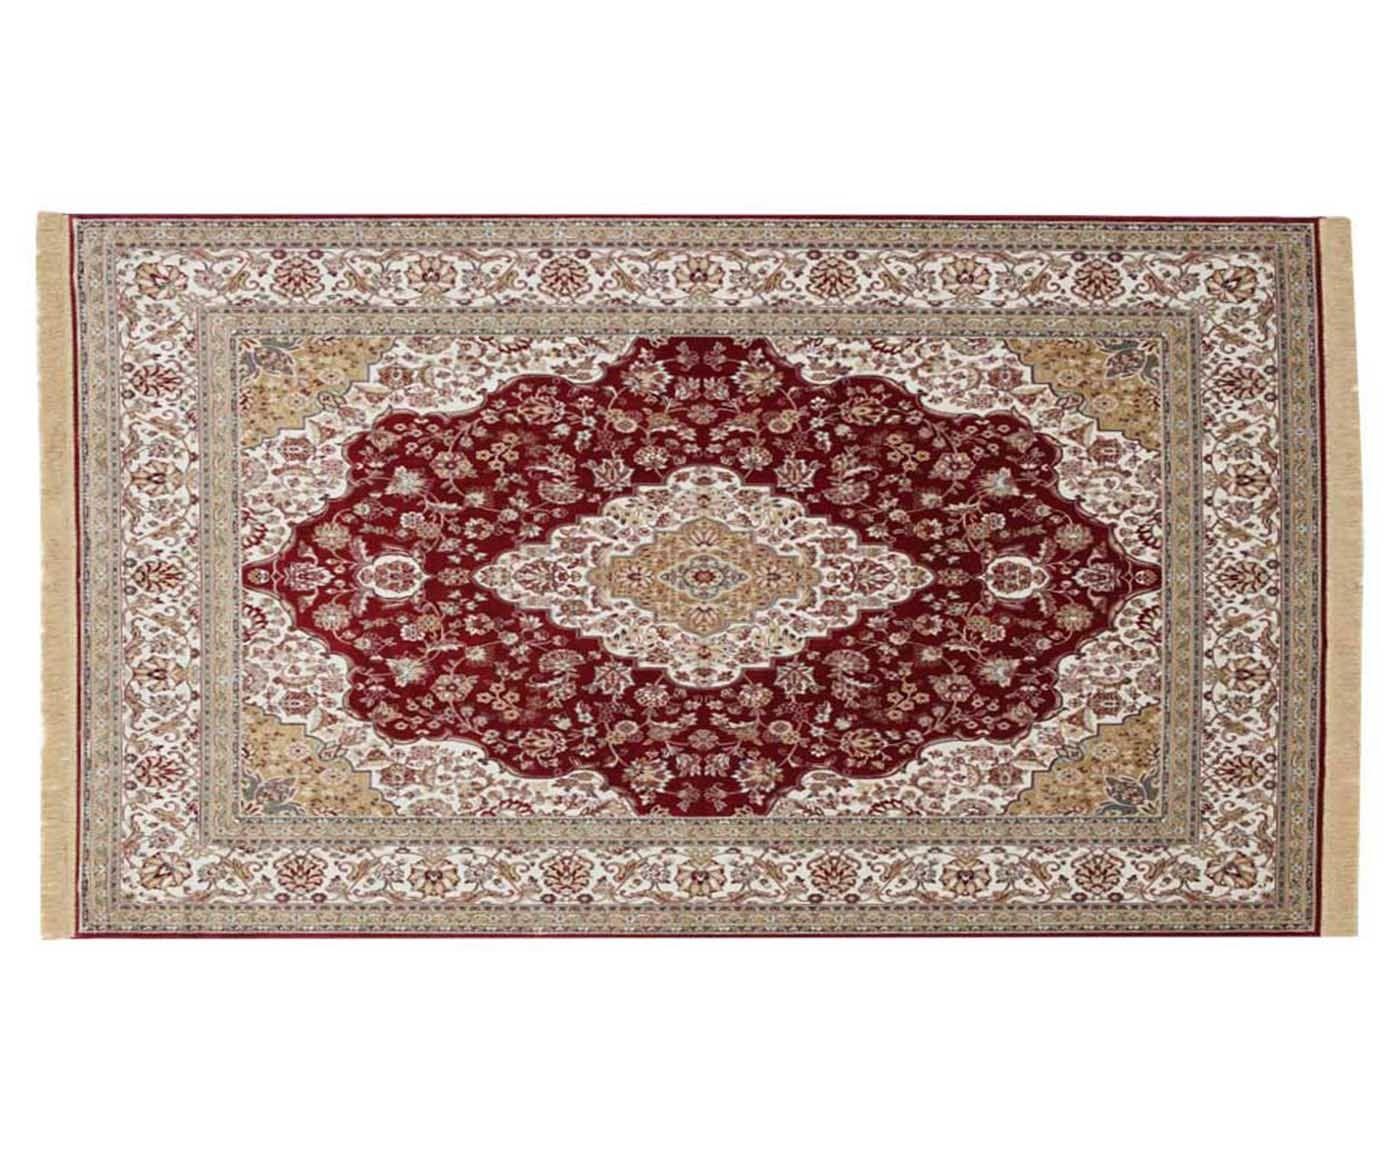 Tapete arlon - 67 x 220 cm   Westwing.com.br